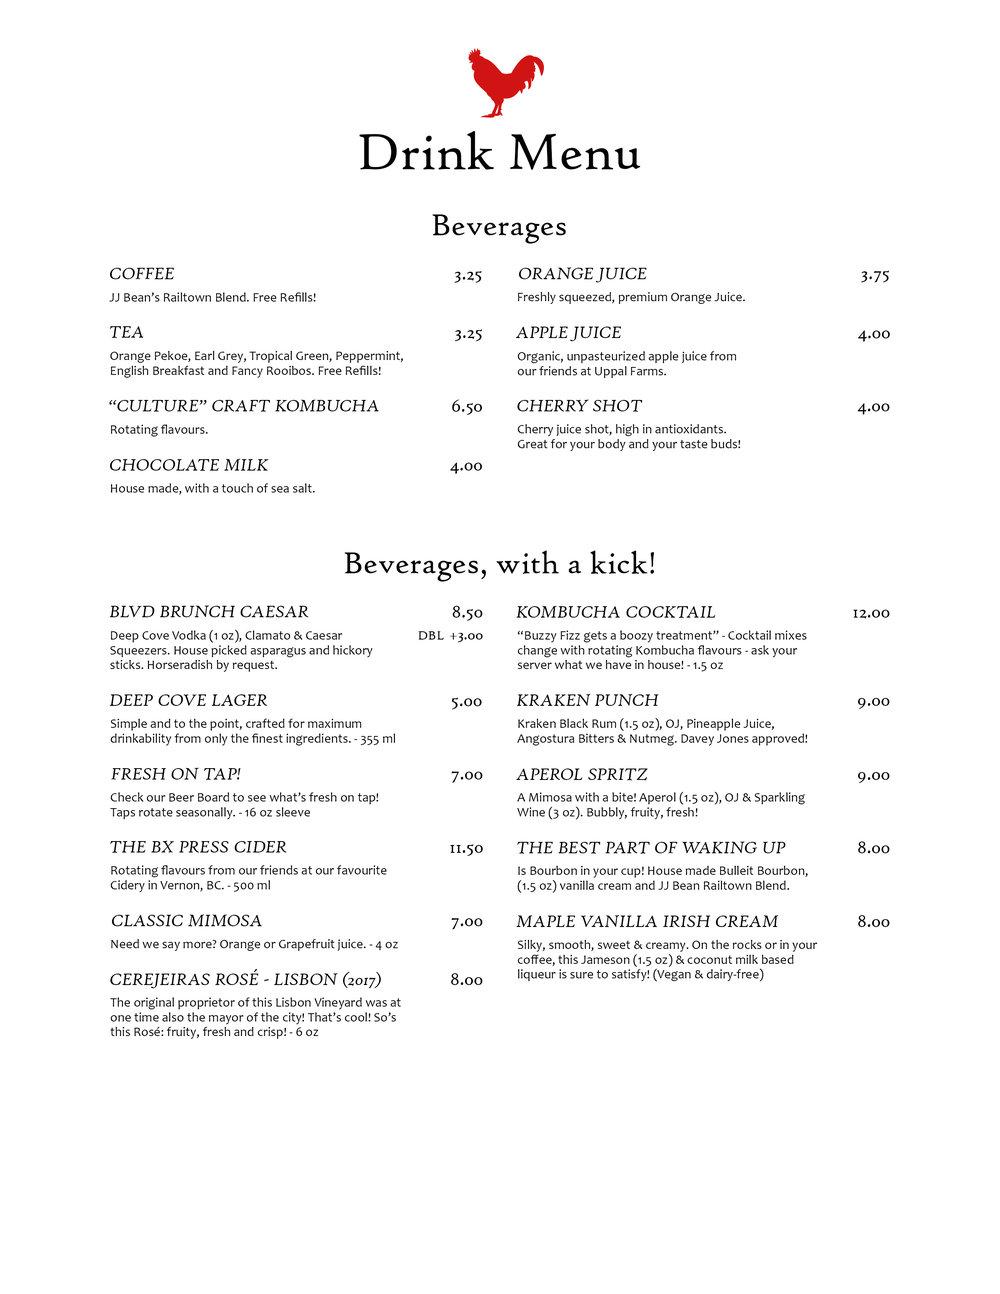 Drink Menu WEB.jpg